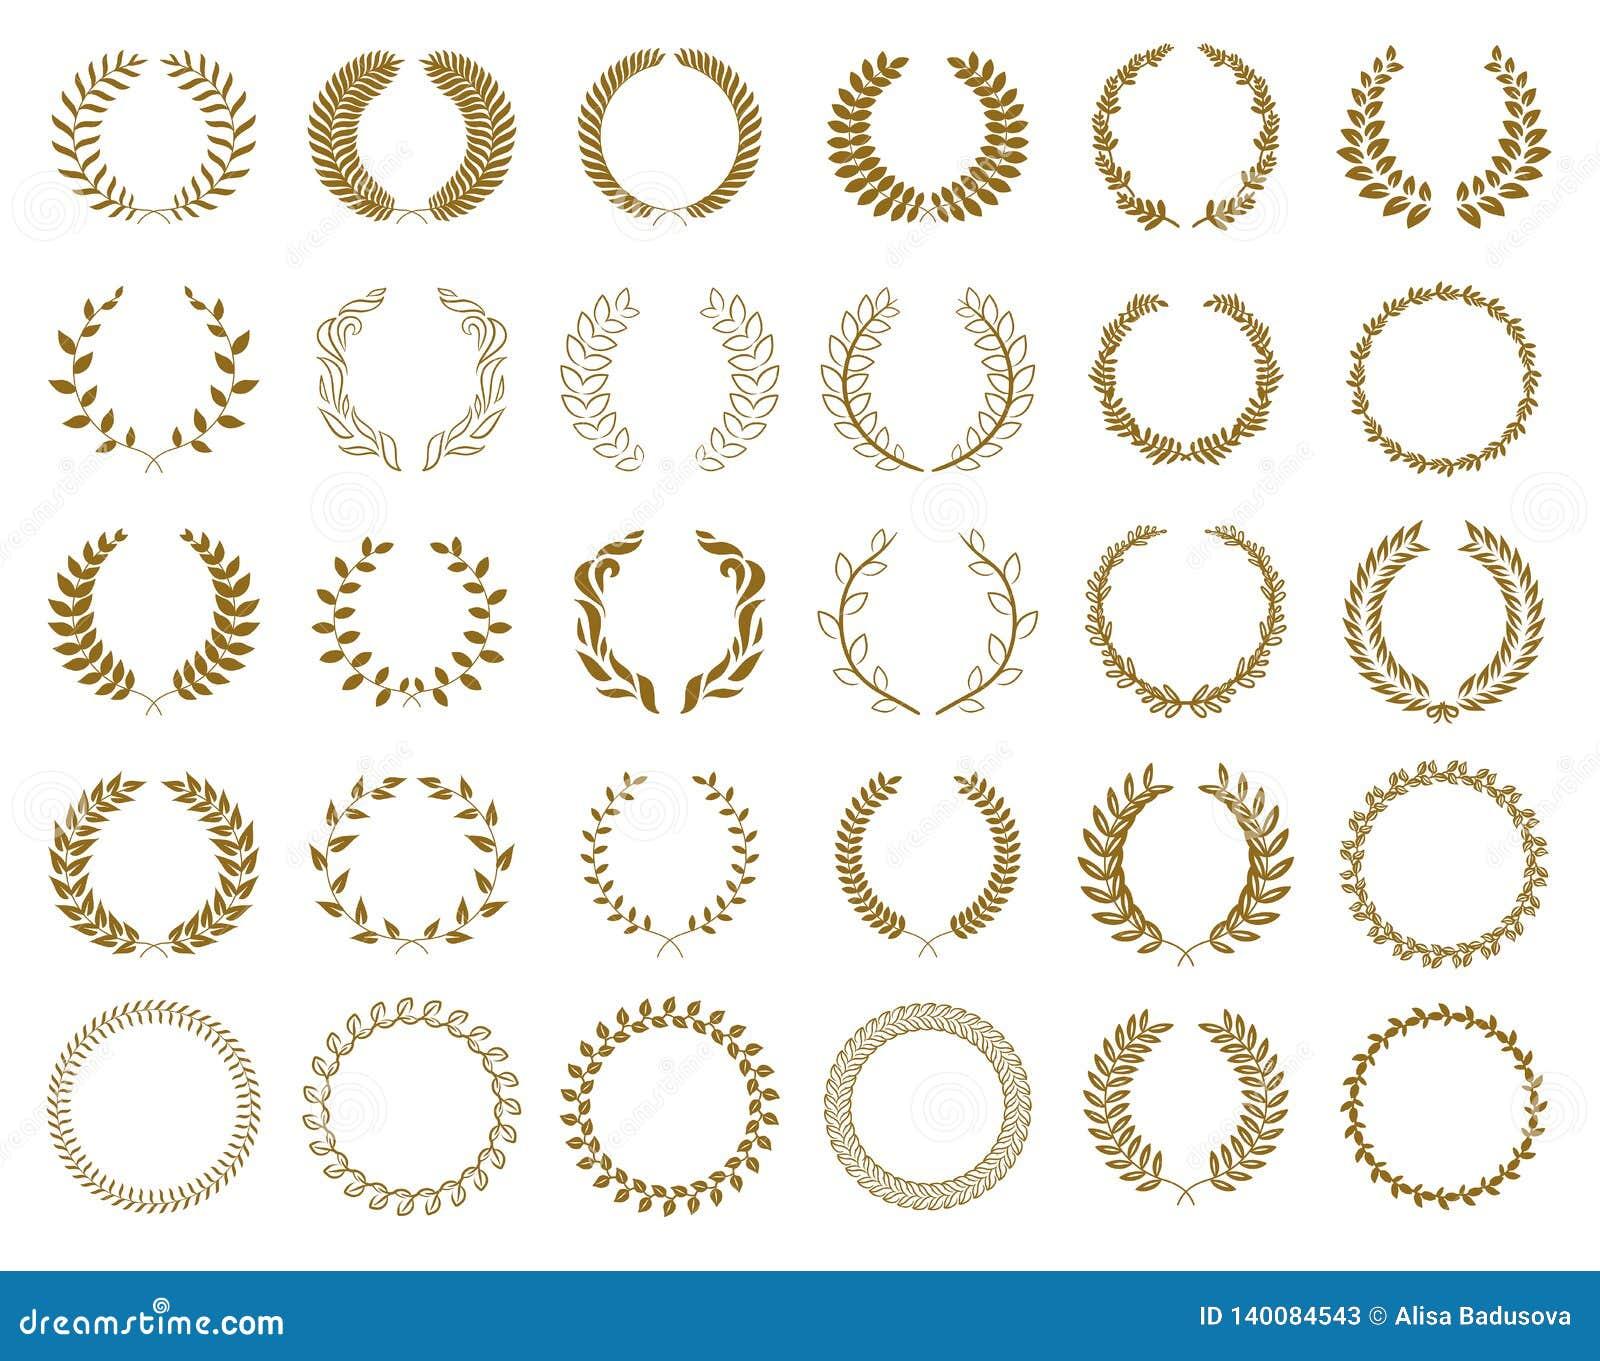 Установите лавровых венков и ветвей награды золота на белой предпосылке, иллюстрации вектора